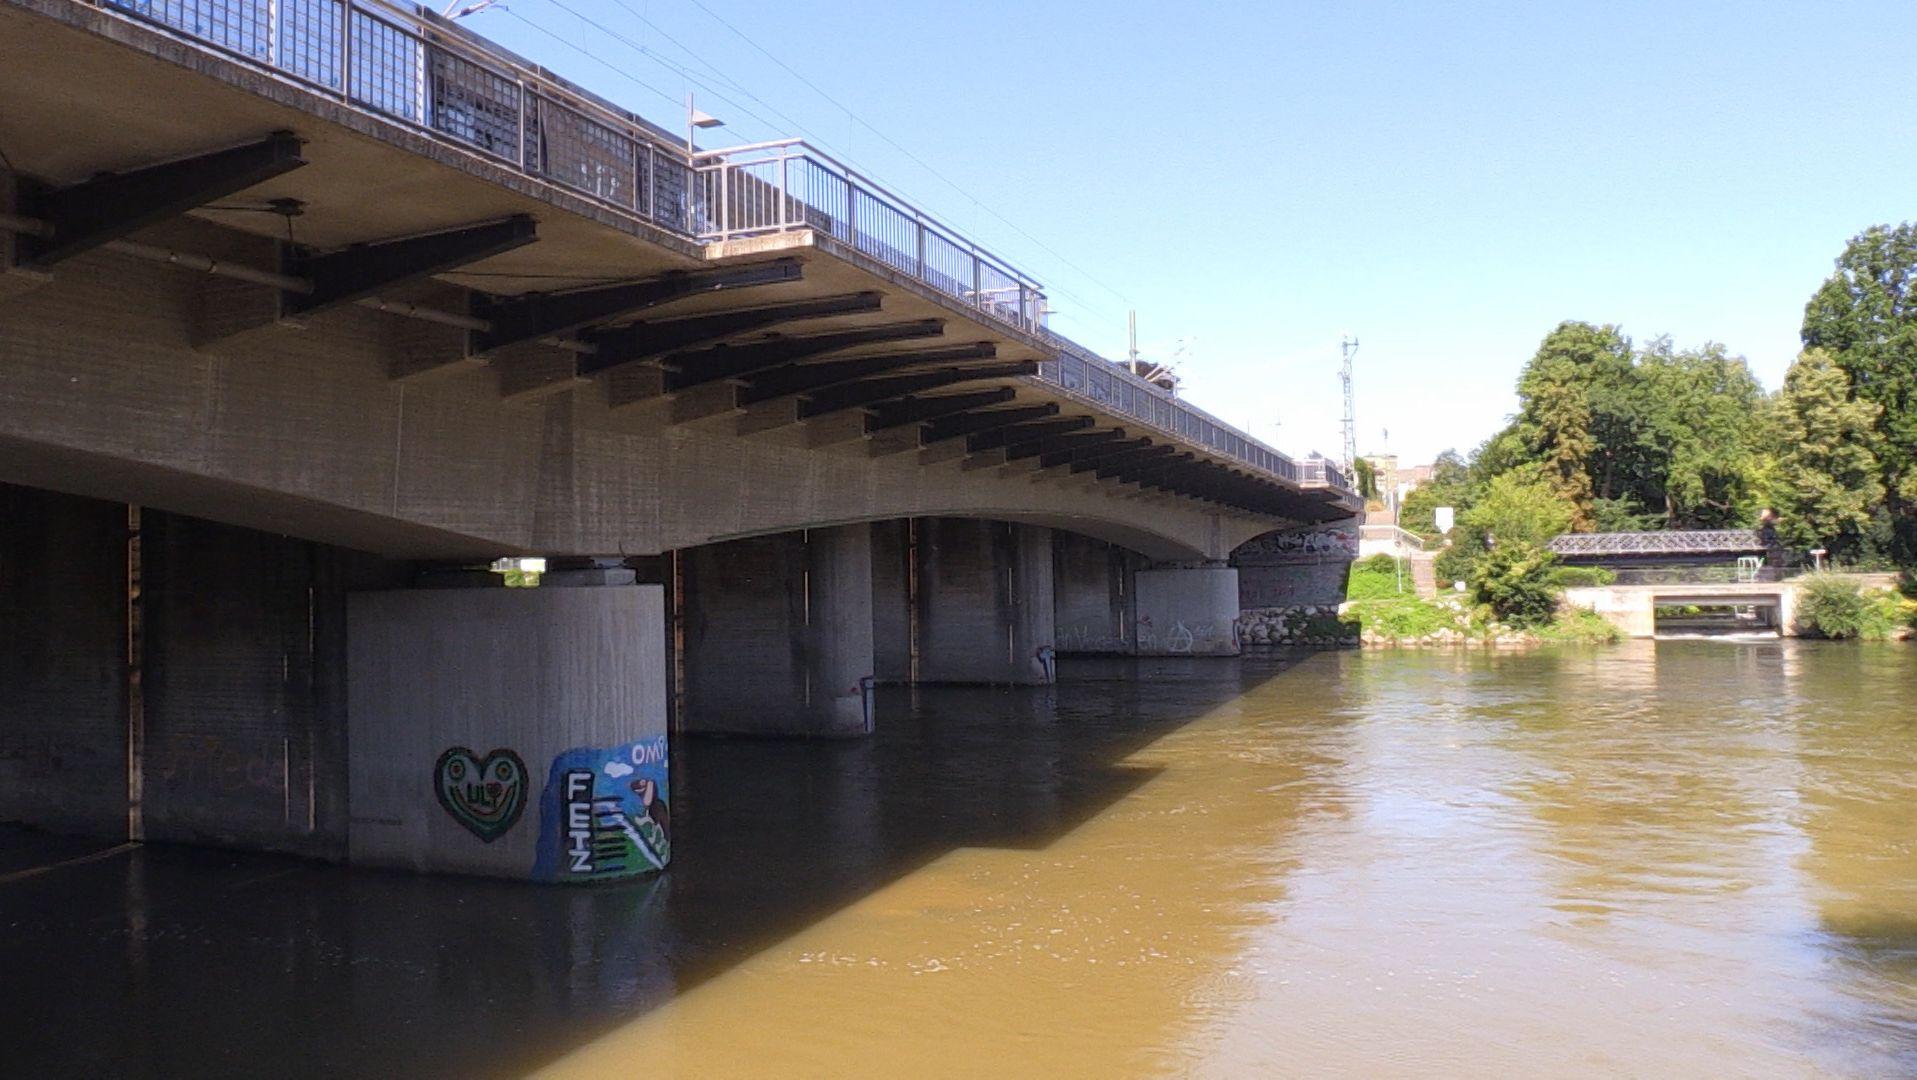 Die vermisste 31-Jährige hatte ihr Handy in der Donau bei der Neu-Ulmer Eisenbahnbrücke verloren. Sie ist wohlauf.